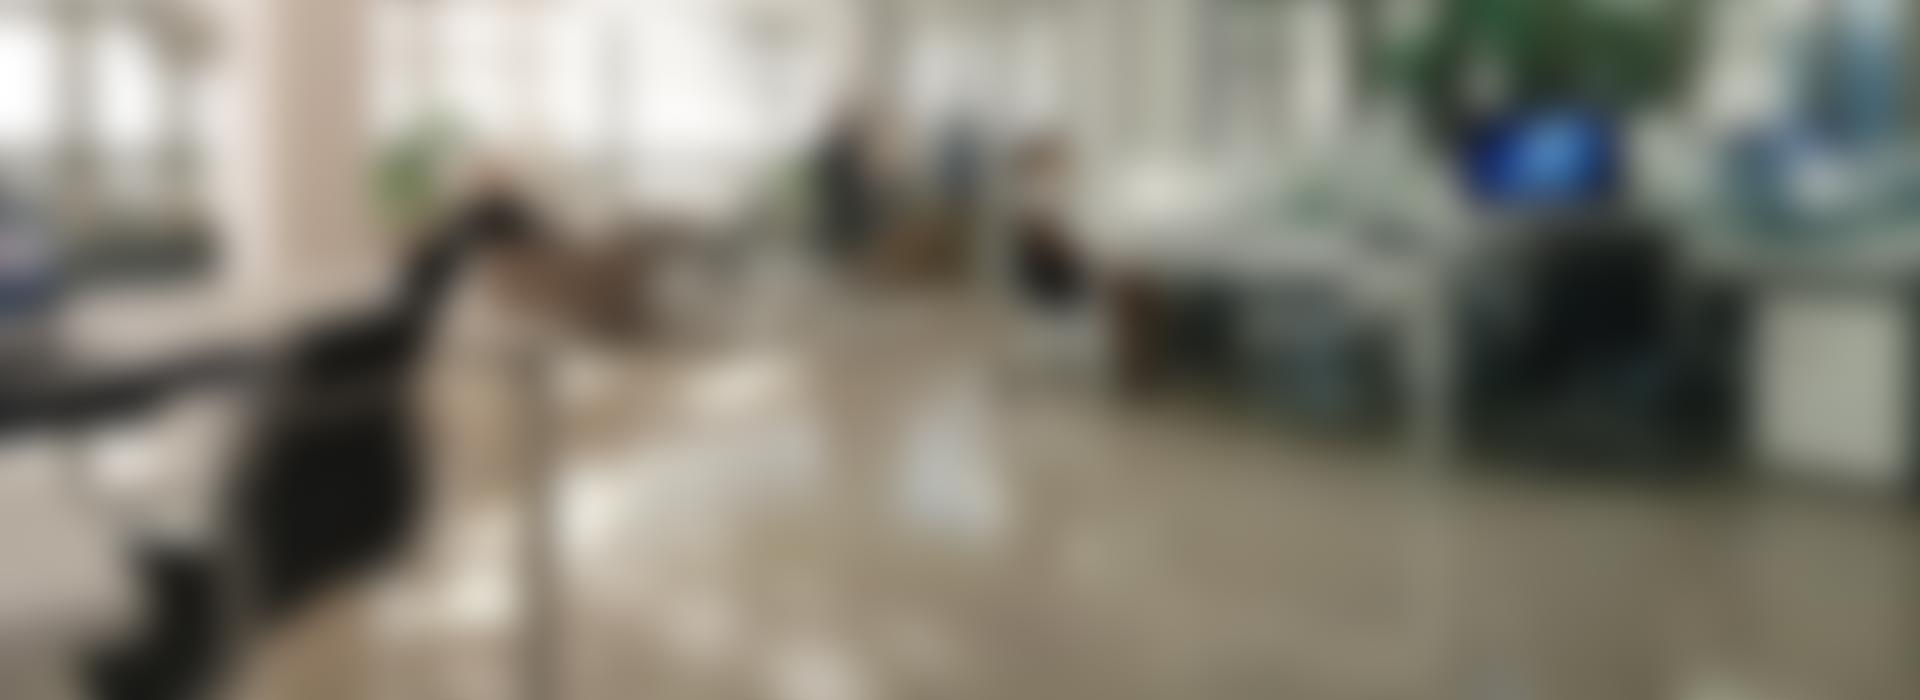 content-bg4-blur